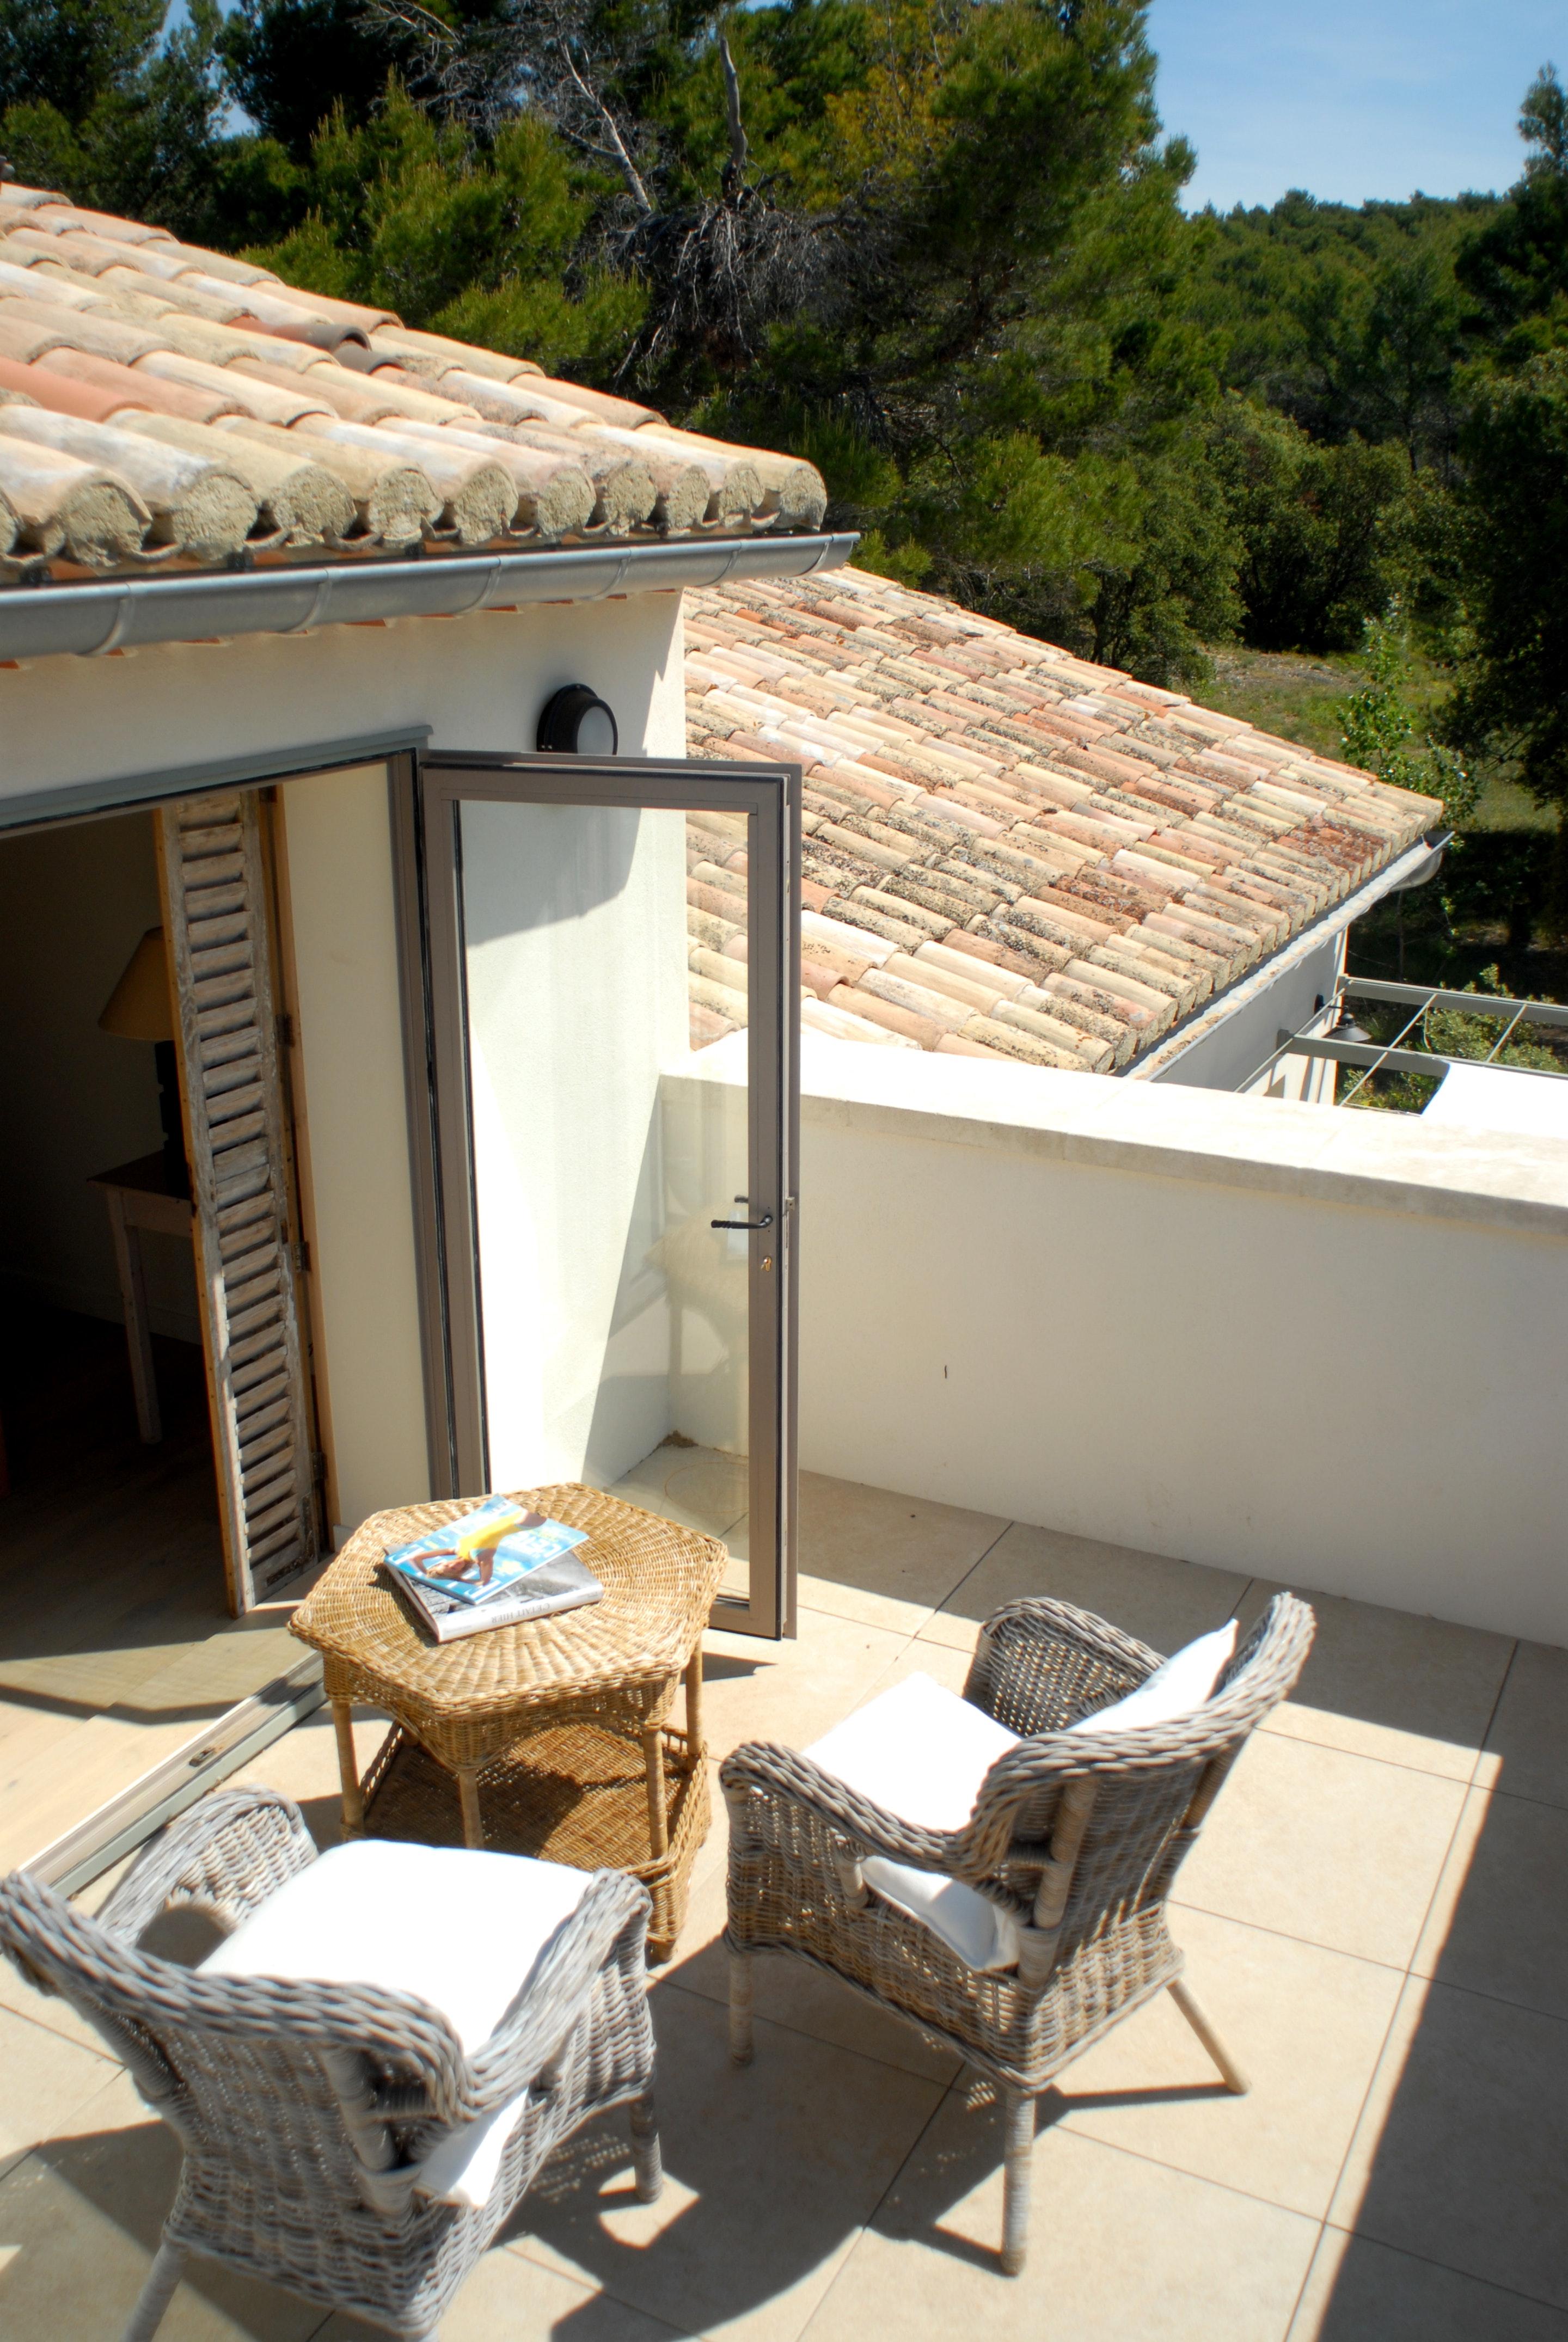 Maison de vacances Villa mit 5 Schlafzimmern in L'Isle-sur-la-Sorgue mit privatem Pool, eingezäuntem Garten u (2202725), L'Isle sur la Sorgue, Vaucluse, Provence - Alpes - Côte d'Azur, France, image 4